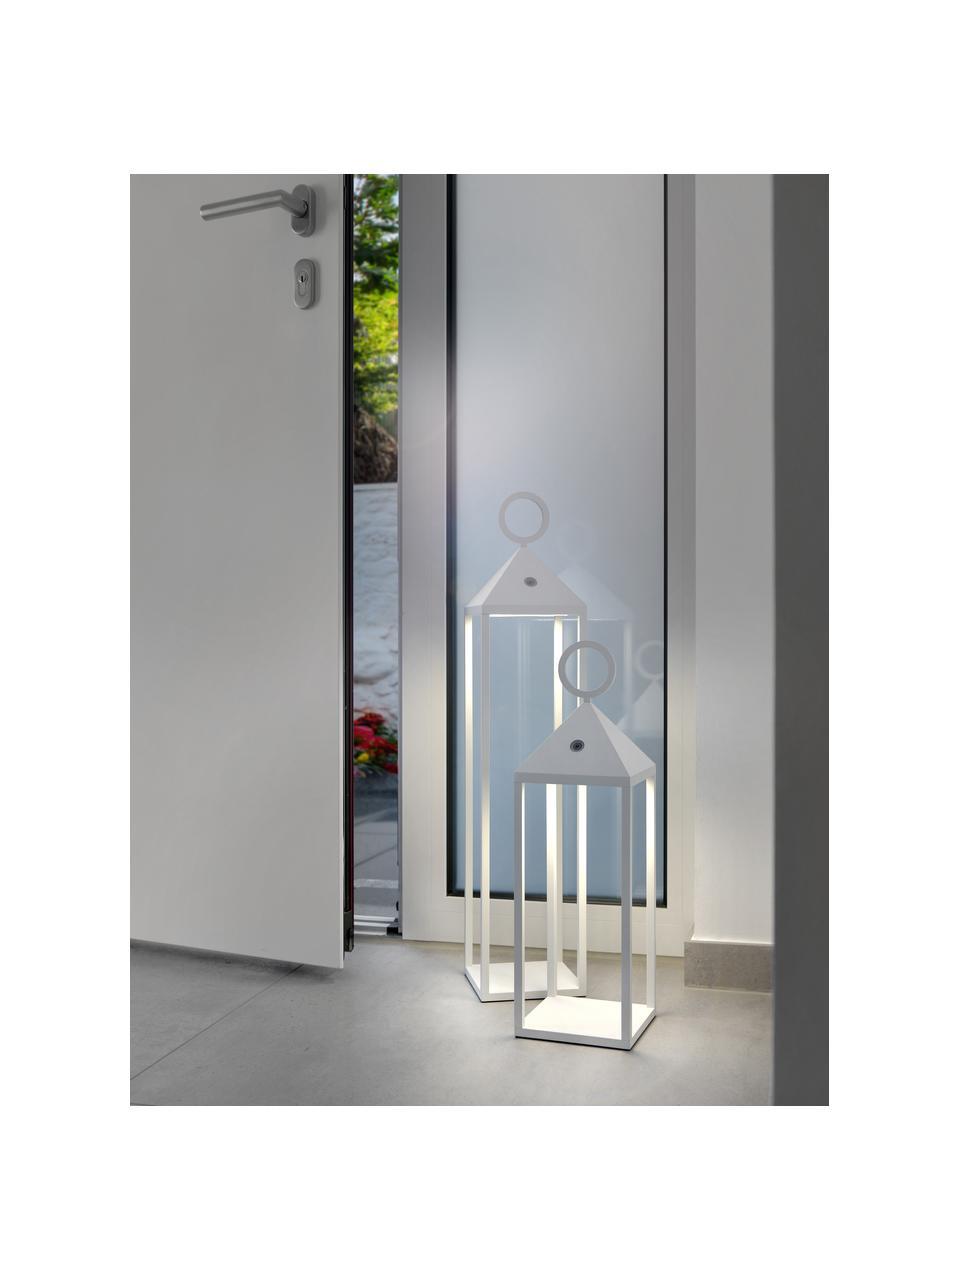 Mobilna lampa zewnętrzna z funkcją przyciemniania Cargo, Biały, S 14 x W 67 cm